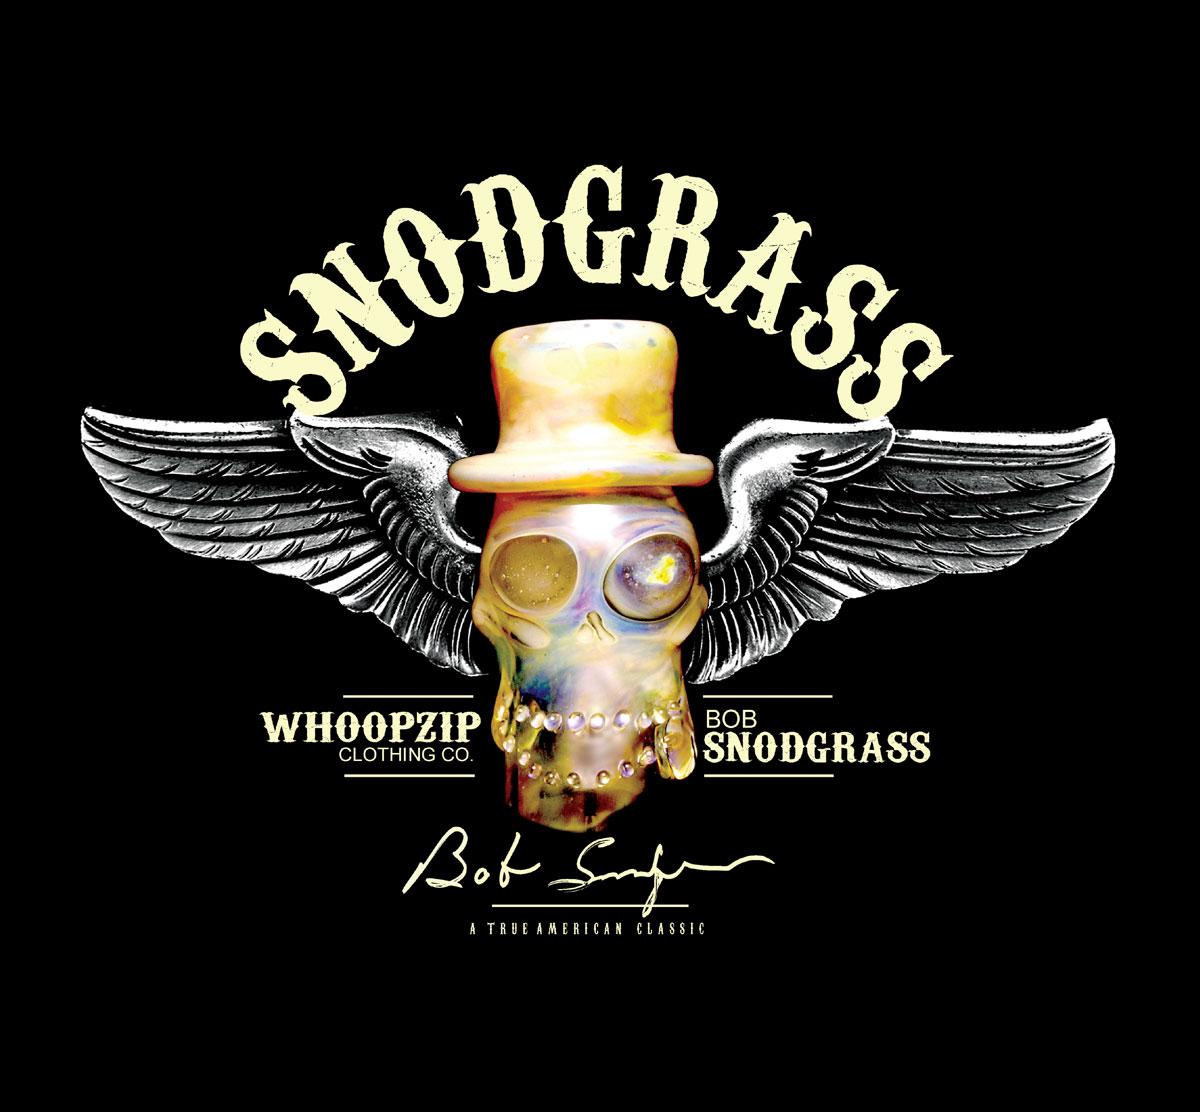 Whoopzip Snodgrass Design